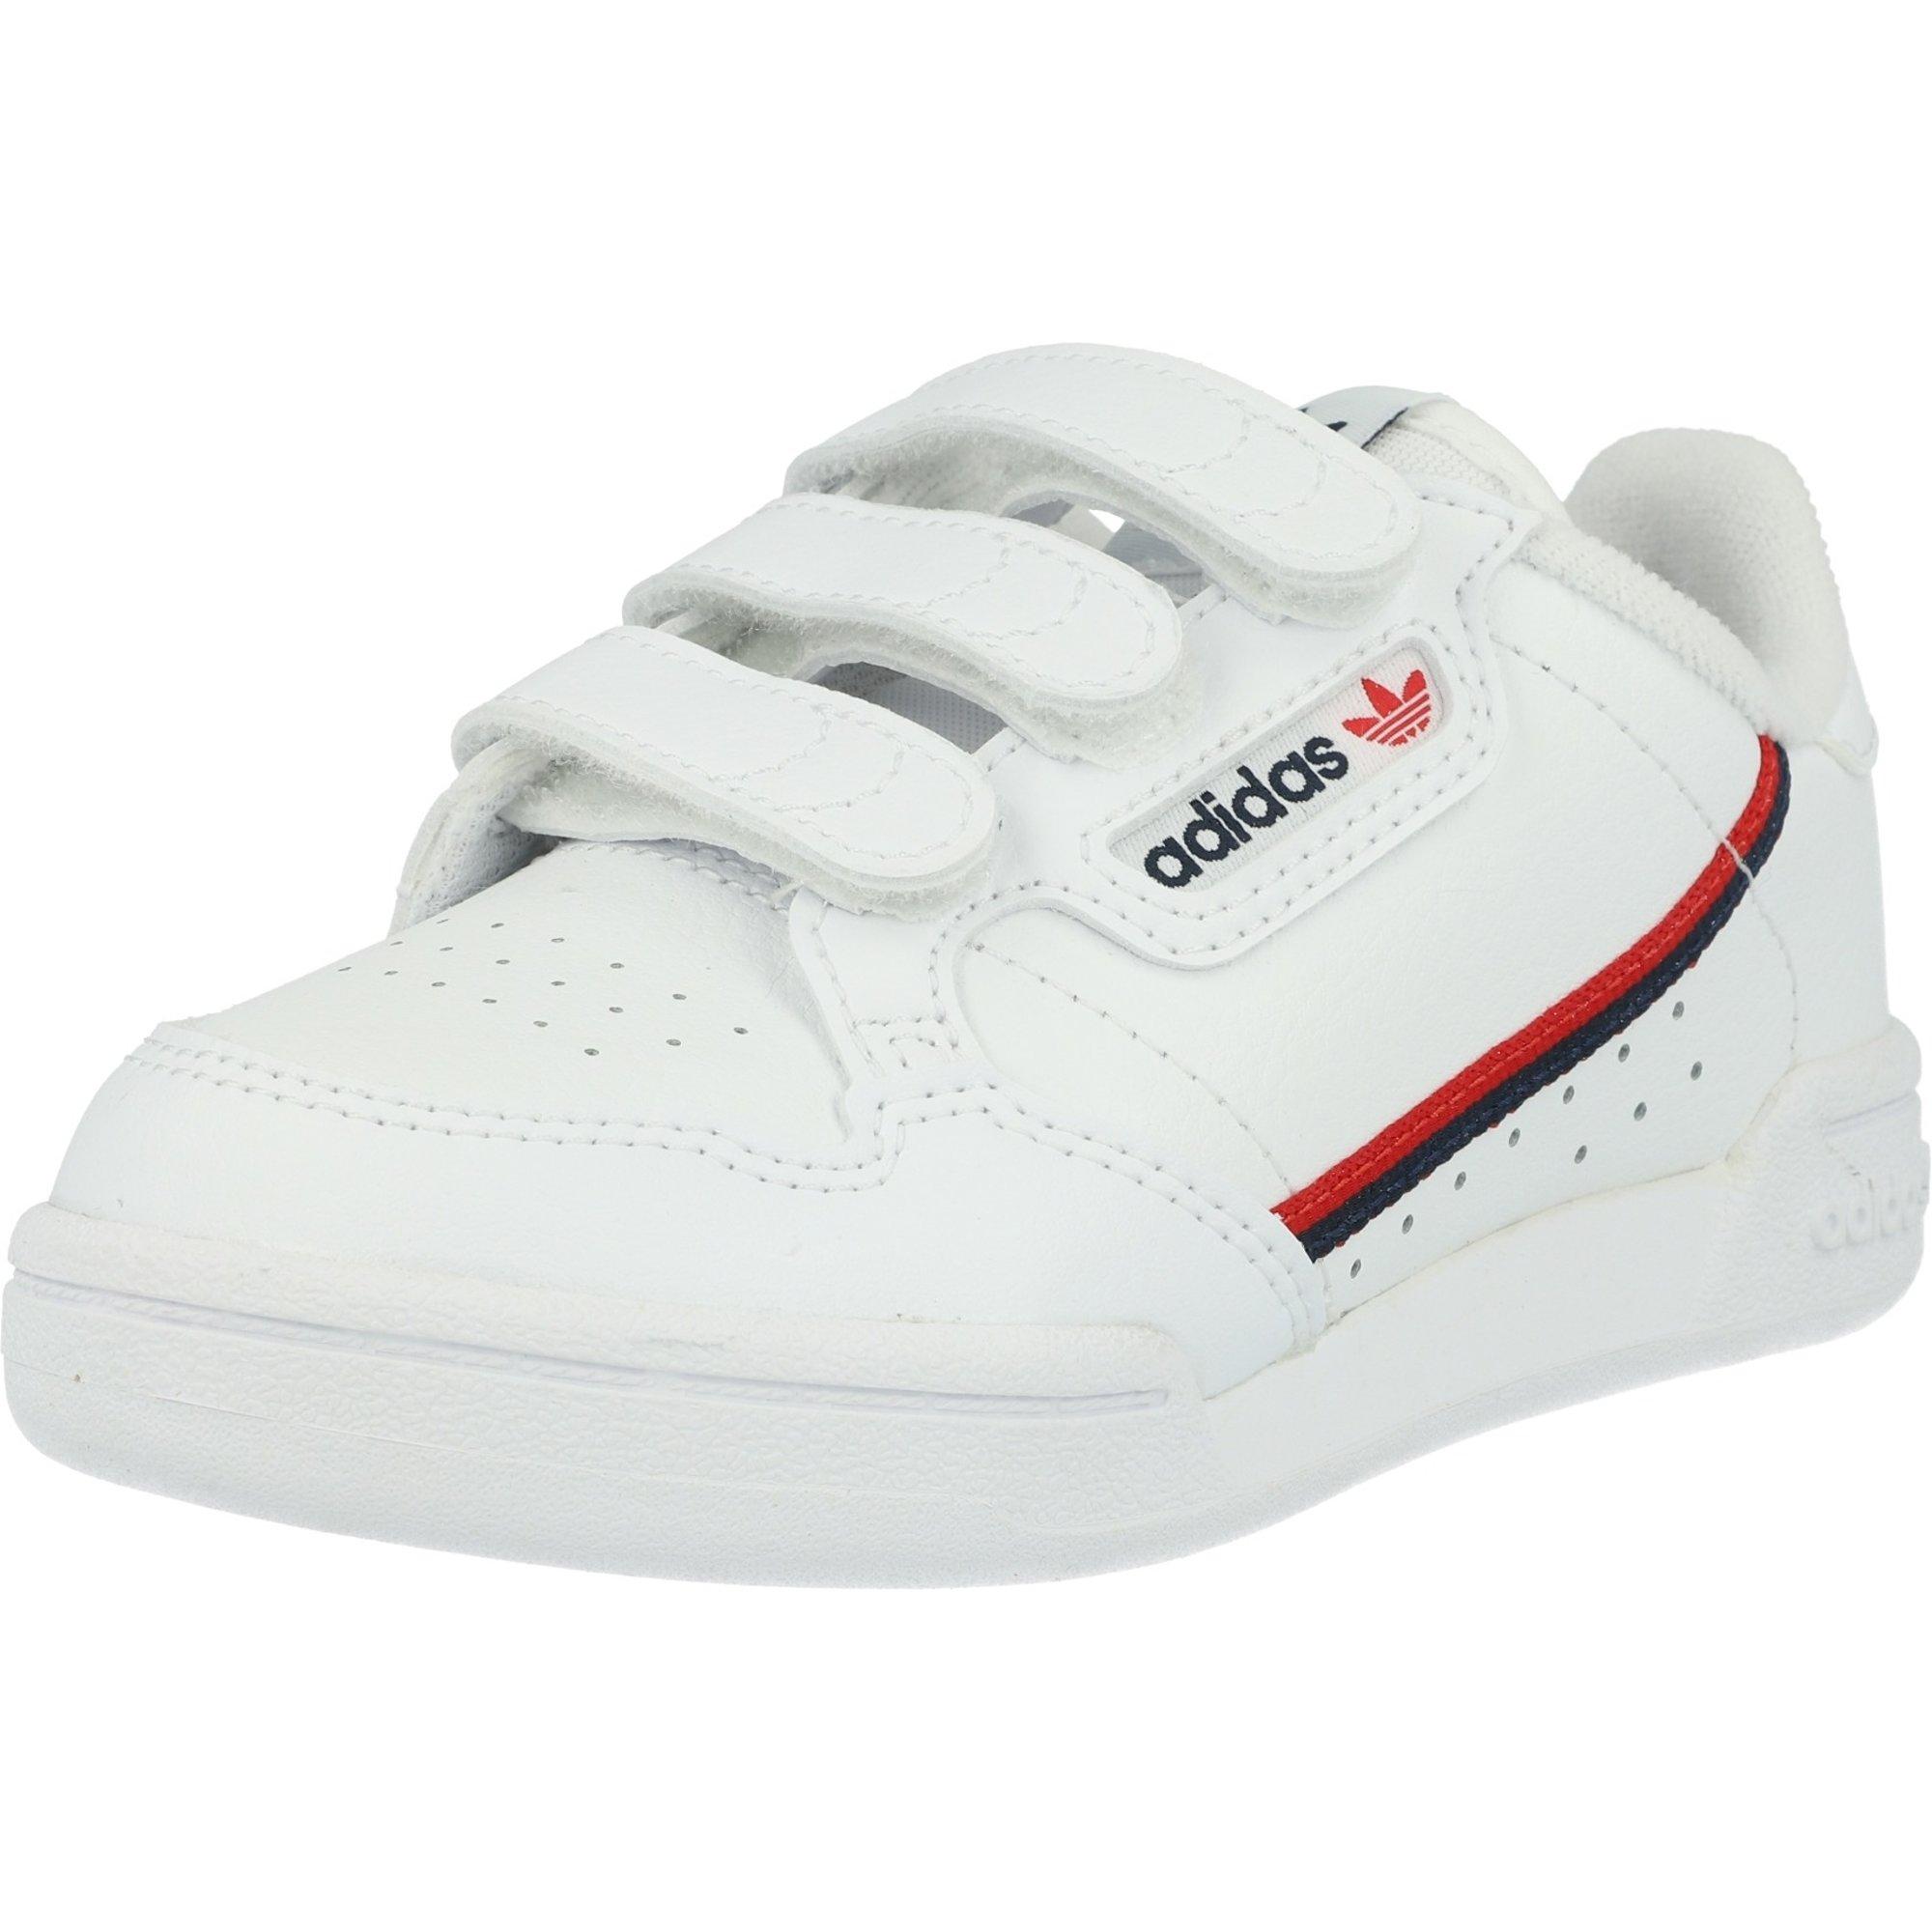 adidas ete chaussure